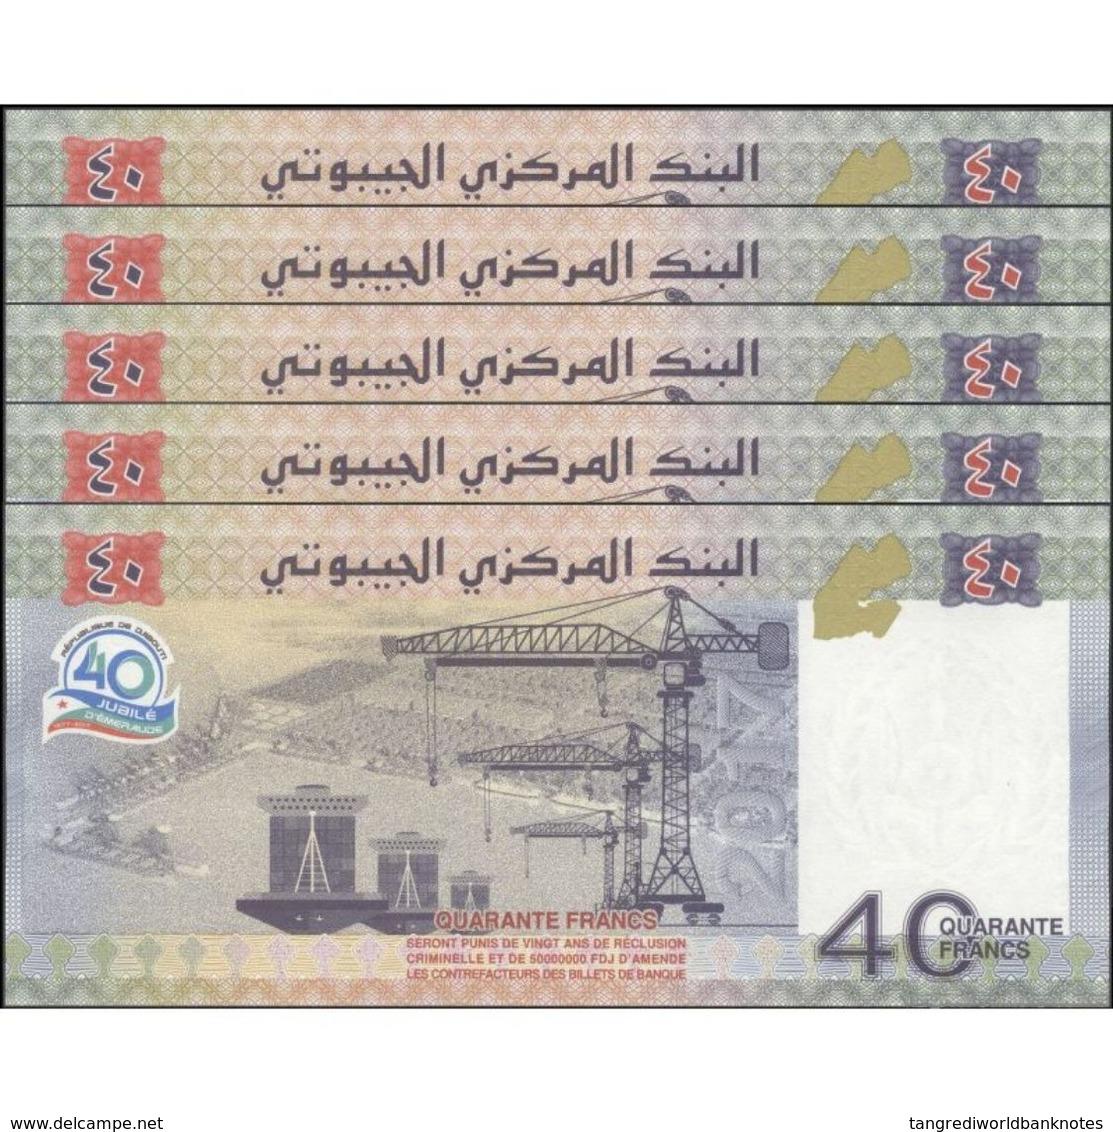 TWN - DJIBOUTI NEW - 40 Francs 2017 DEALERS LOT X 5 UNC - Prefix AB Or DJ - Djibouti